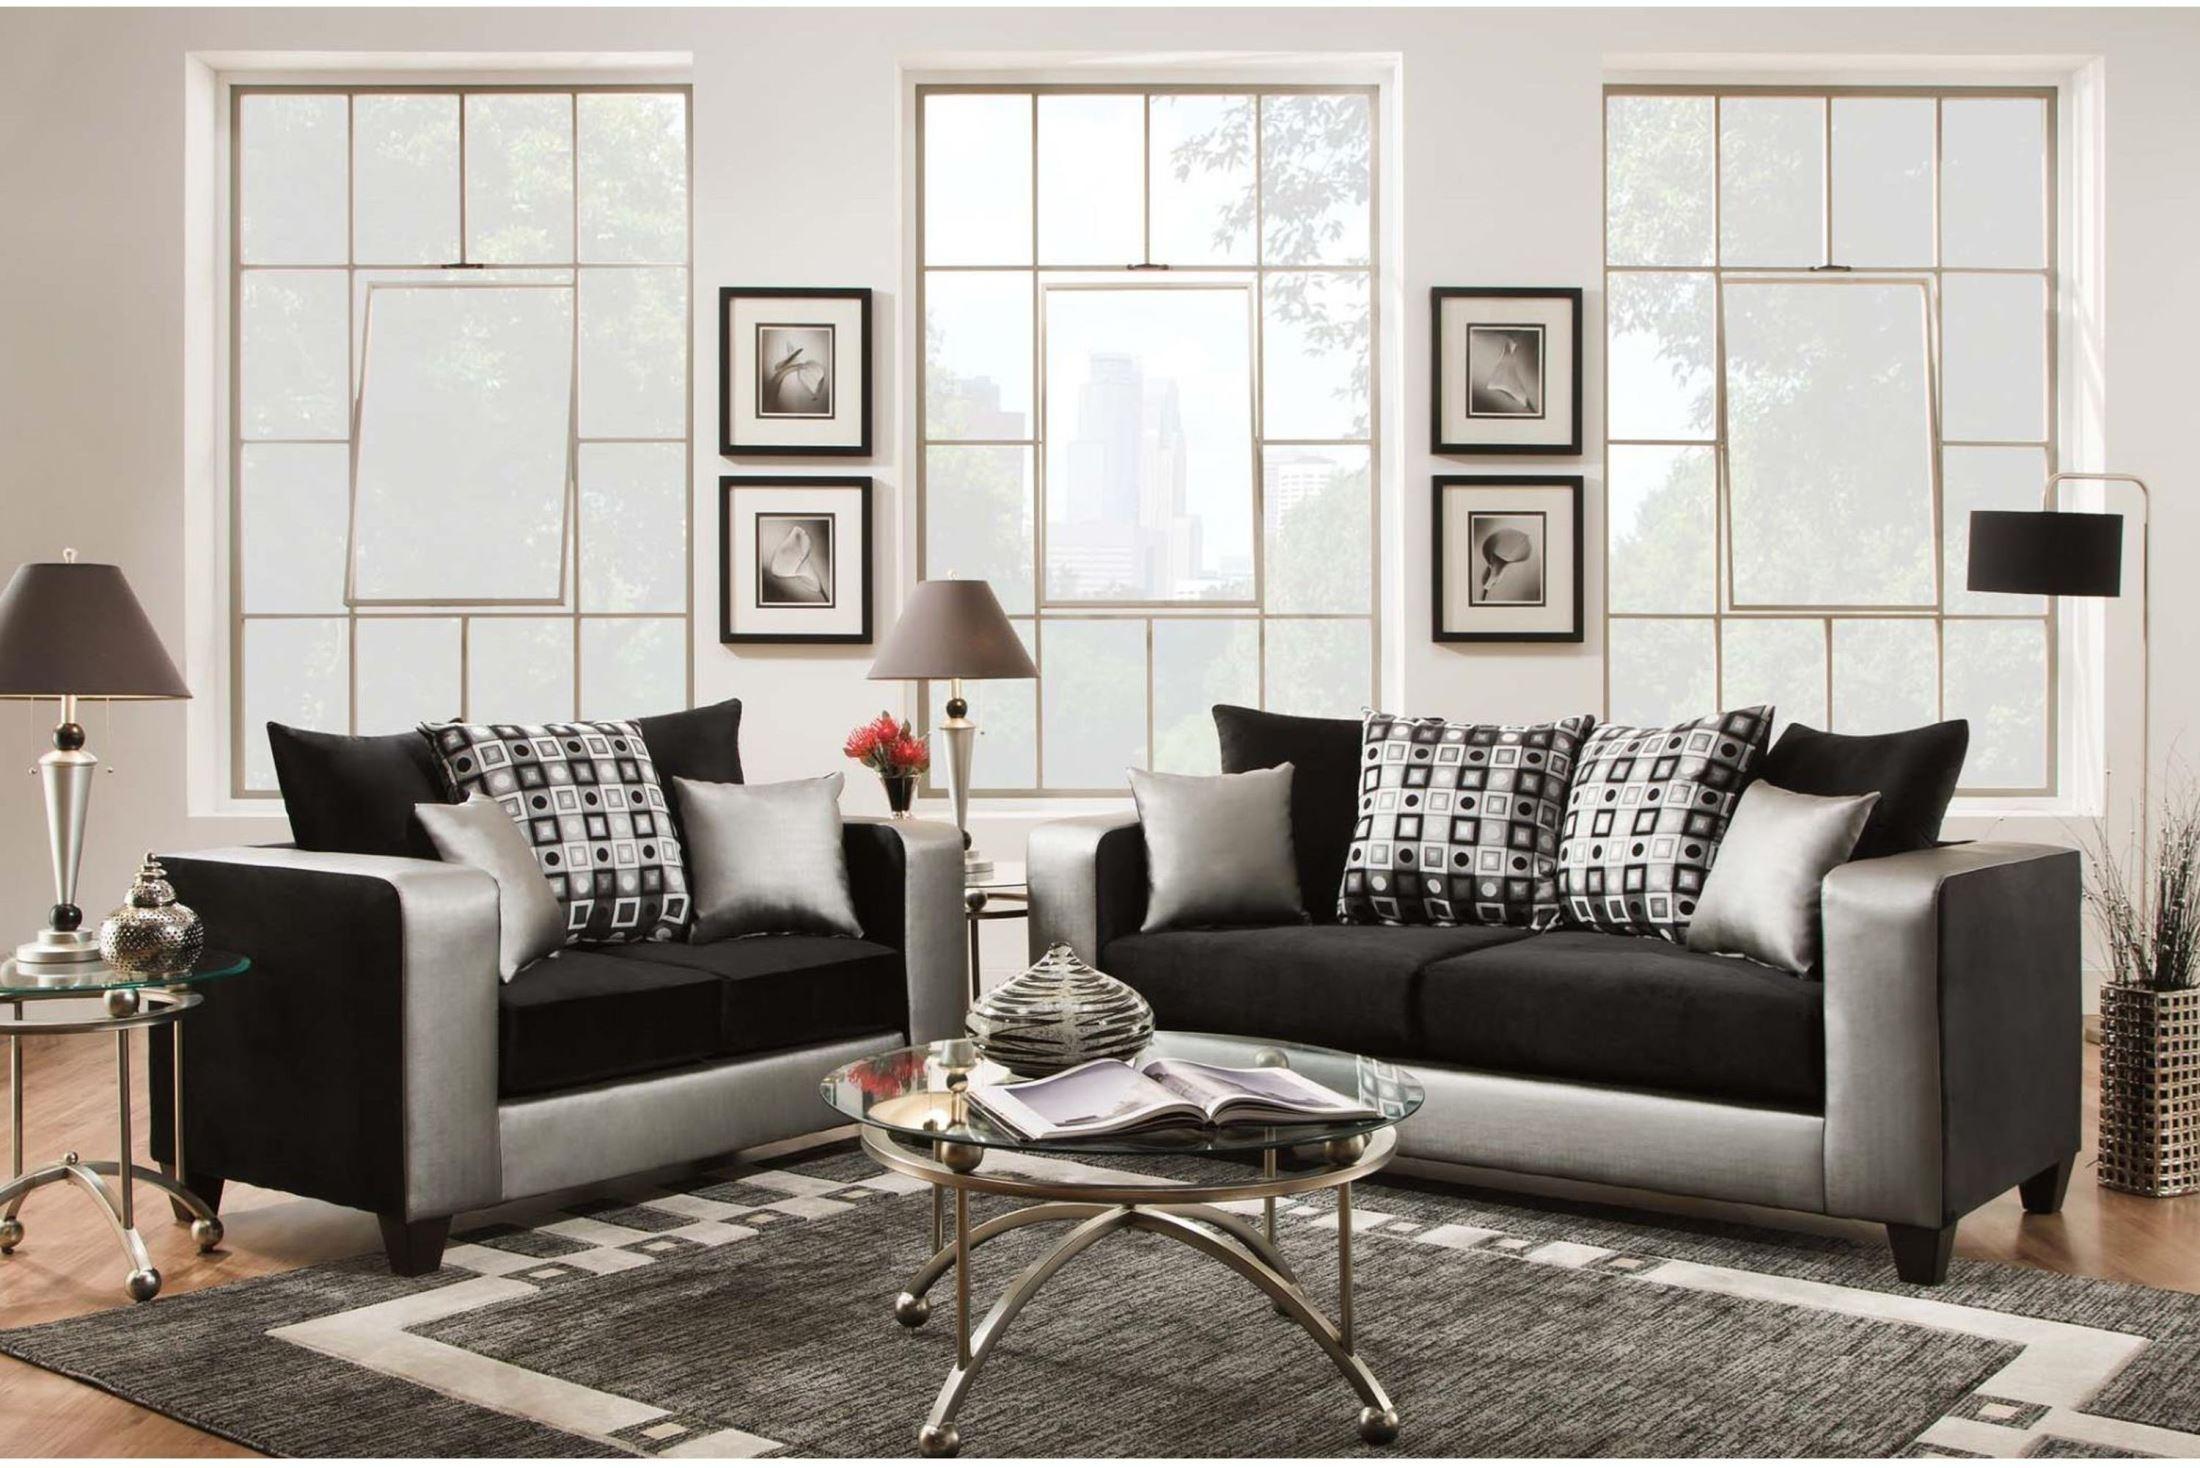 32230 riverstone implosion black velvet living room set rs 4120 06ls set gg renegade furniture. Black Bedroom Furniture Sets. Home Design Ideas